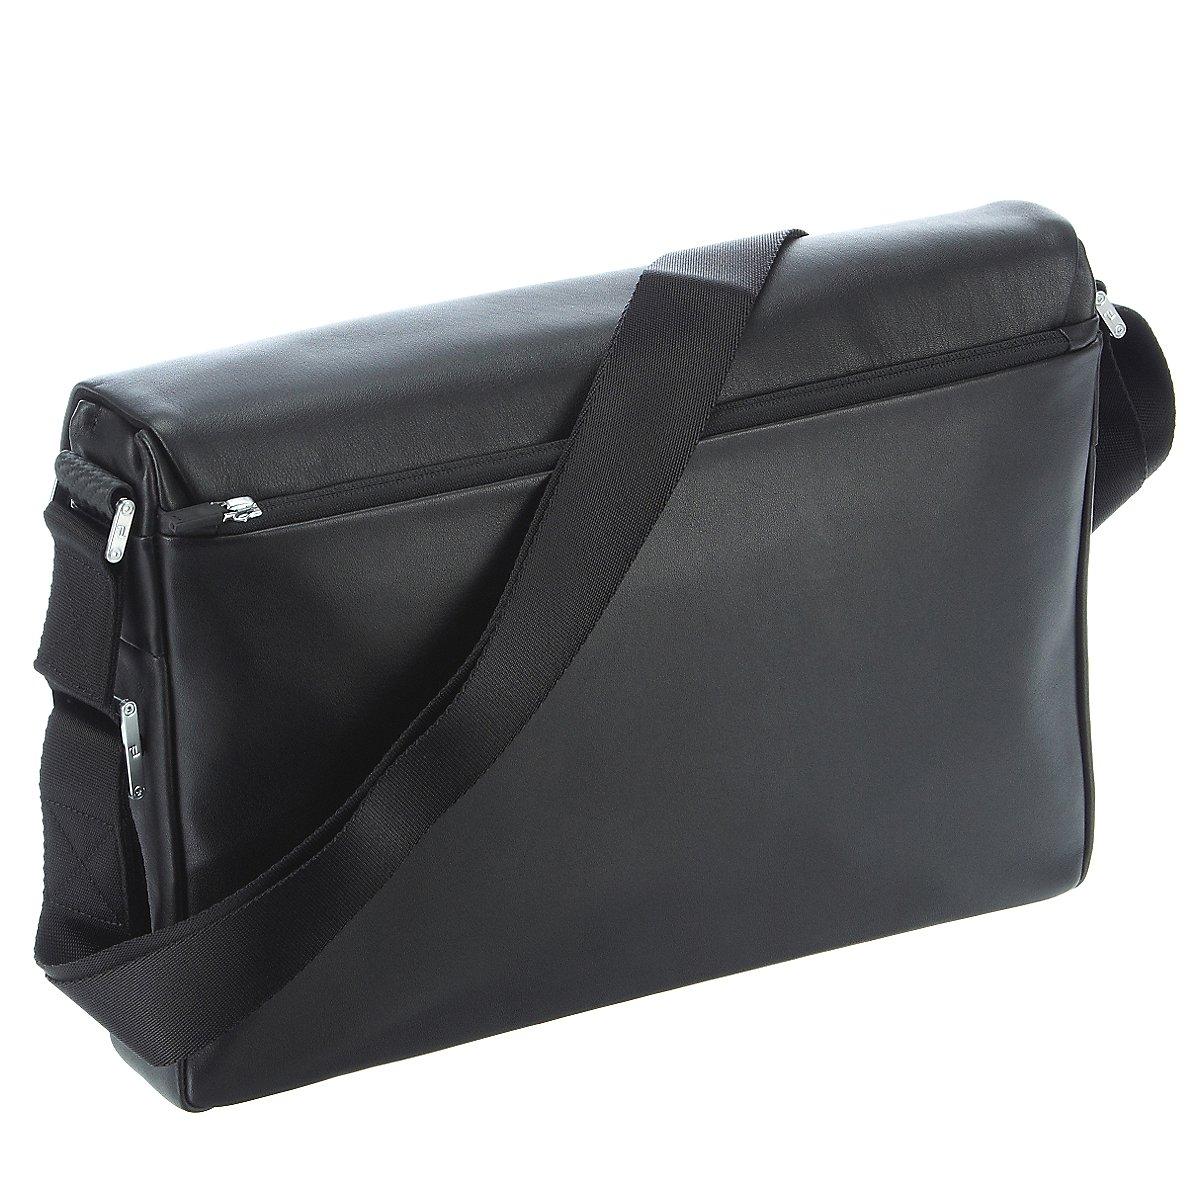 porsche design cl2 2 0 business shoulderbag m fh. Black Bedroom Furniture Sets. Home Design Ideas